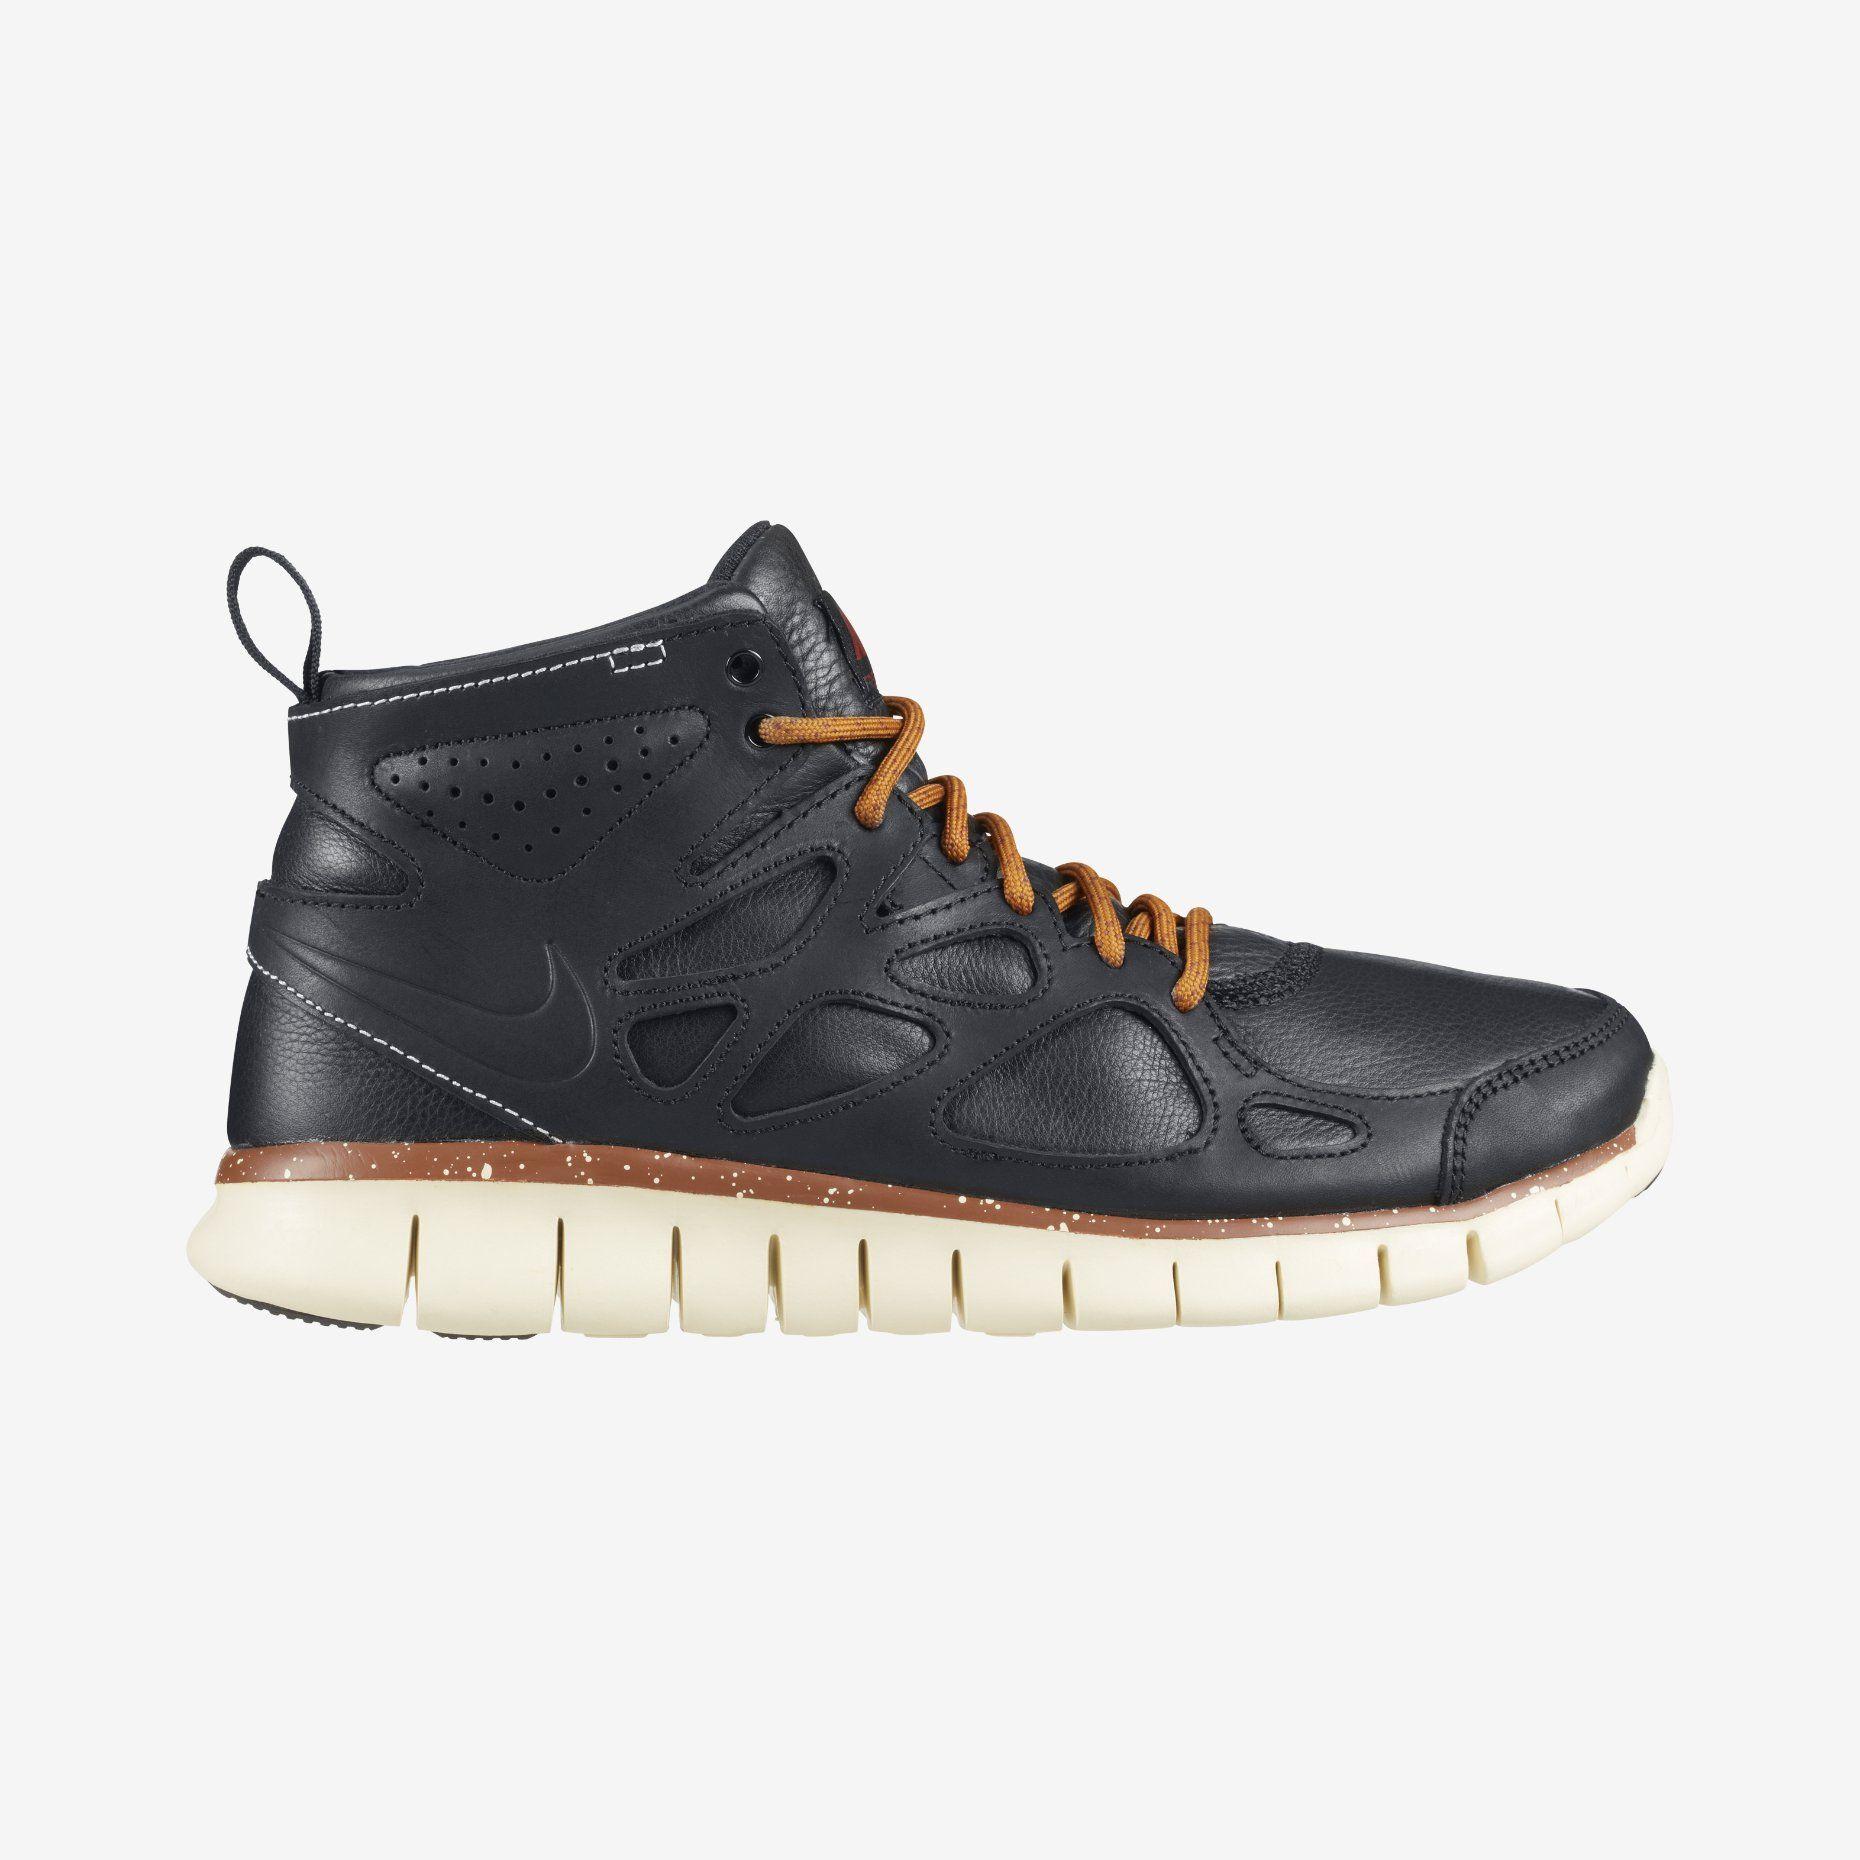 finest selection 67aaa 52a67 Nike Free Run 2 SneakerBoot Men s Shoe. Nike Store UK